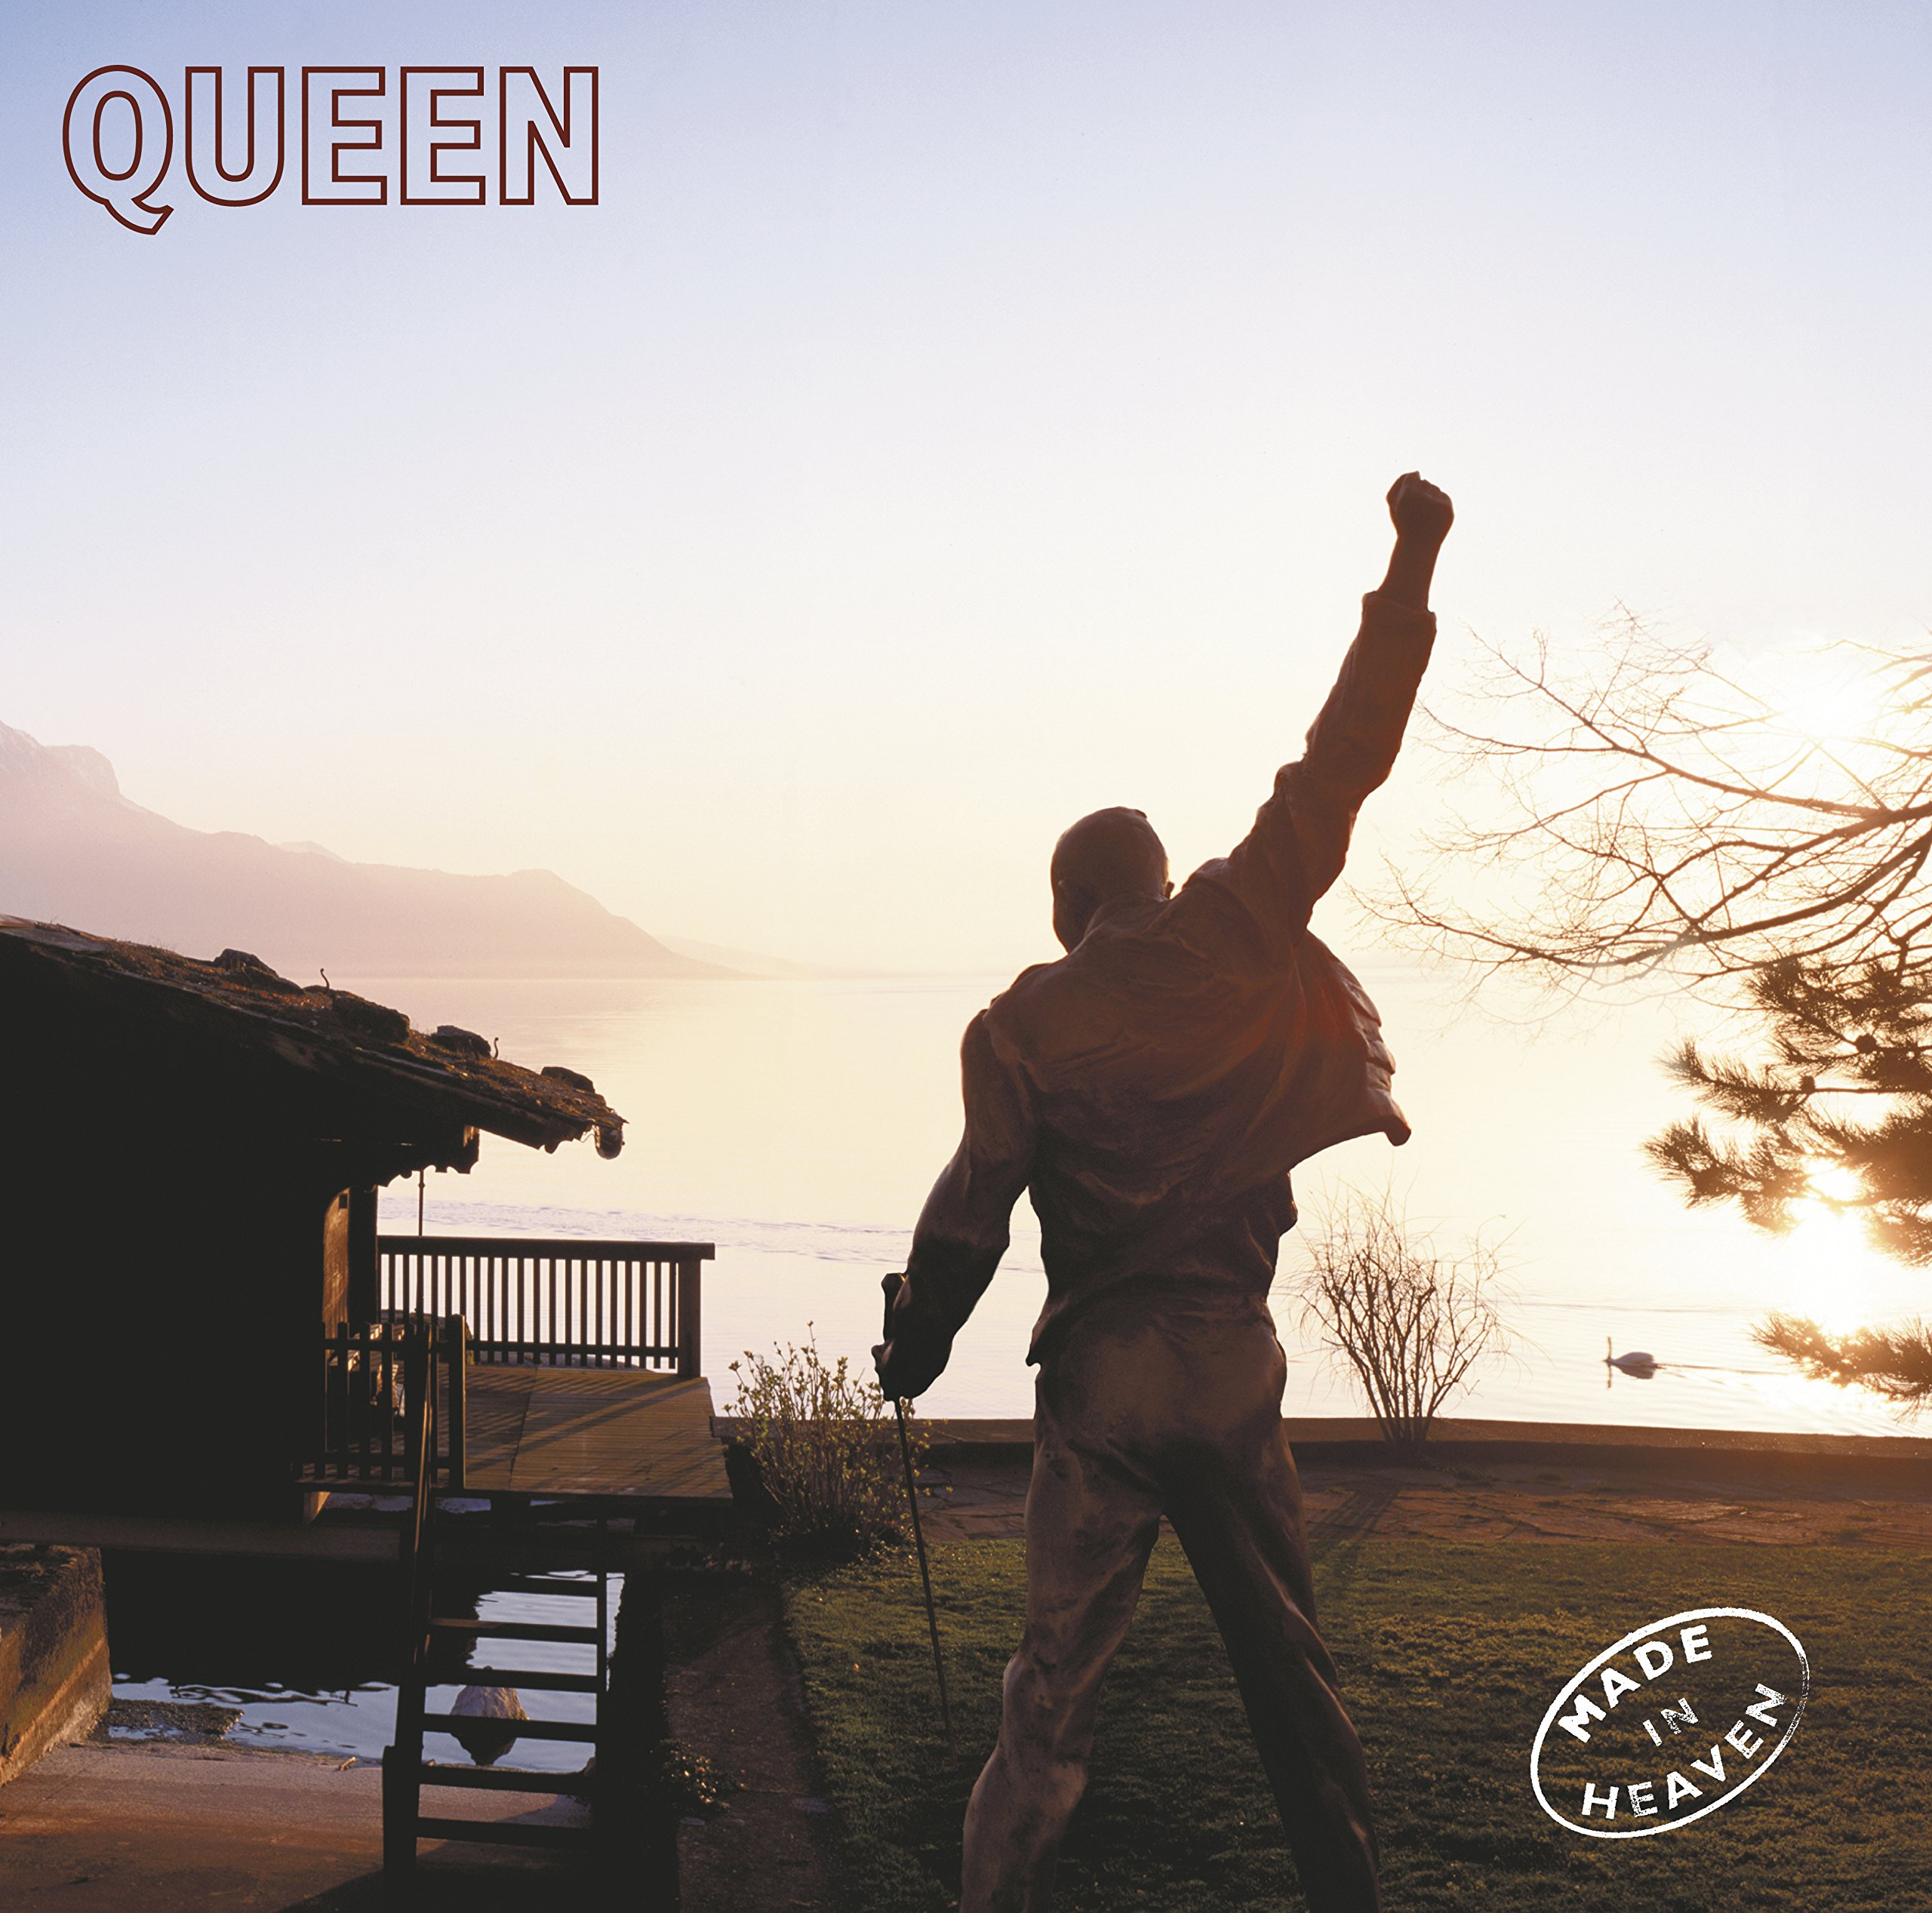 Vinilo : Queen - Made in Heaven (180 Gram Vinyl, 2 Disc)